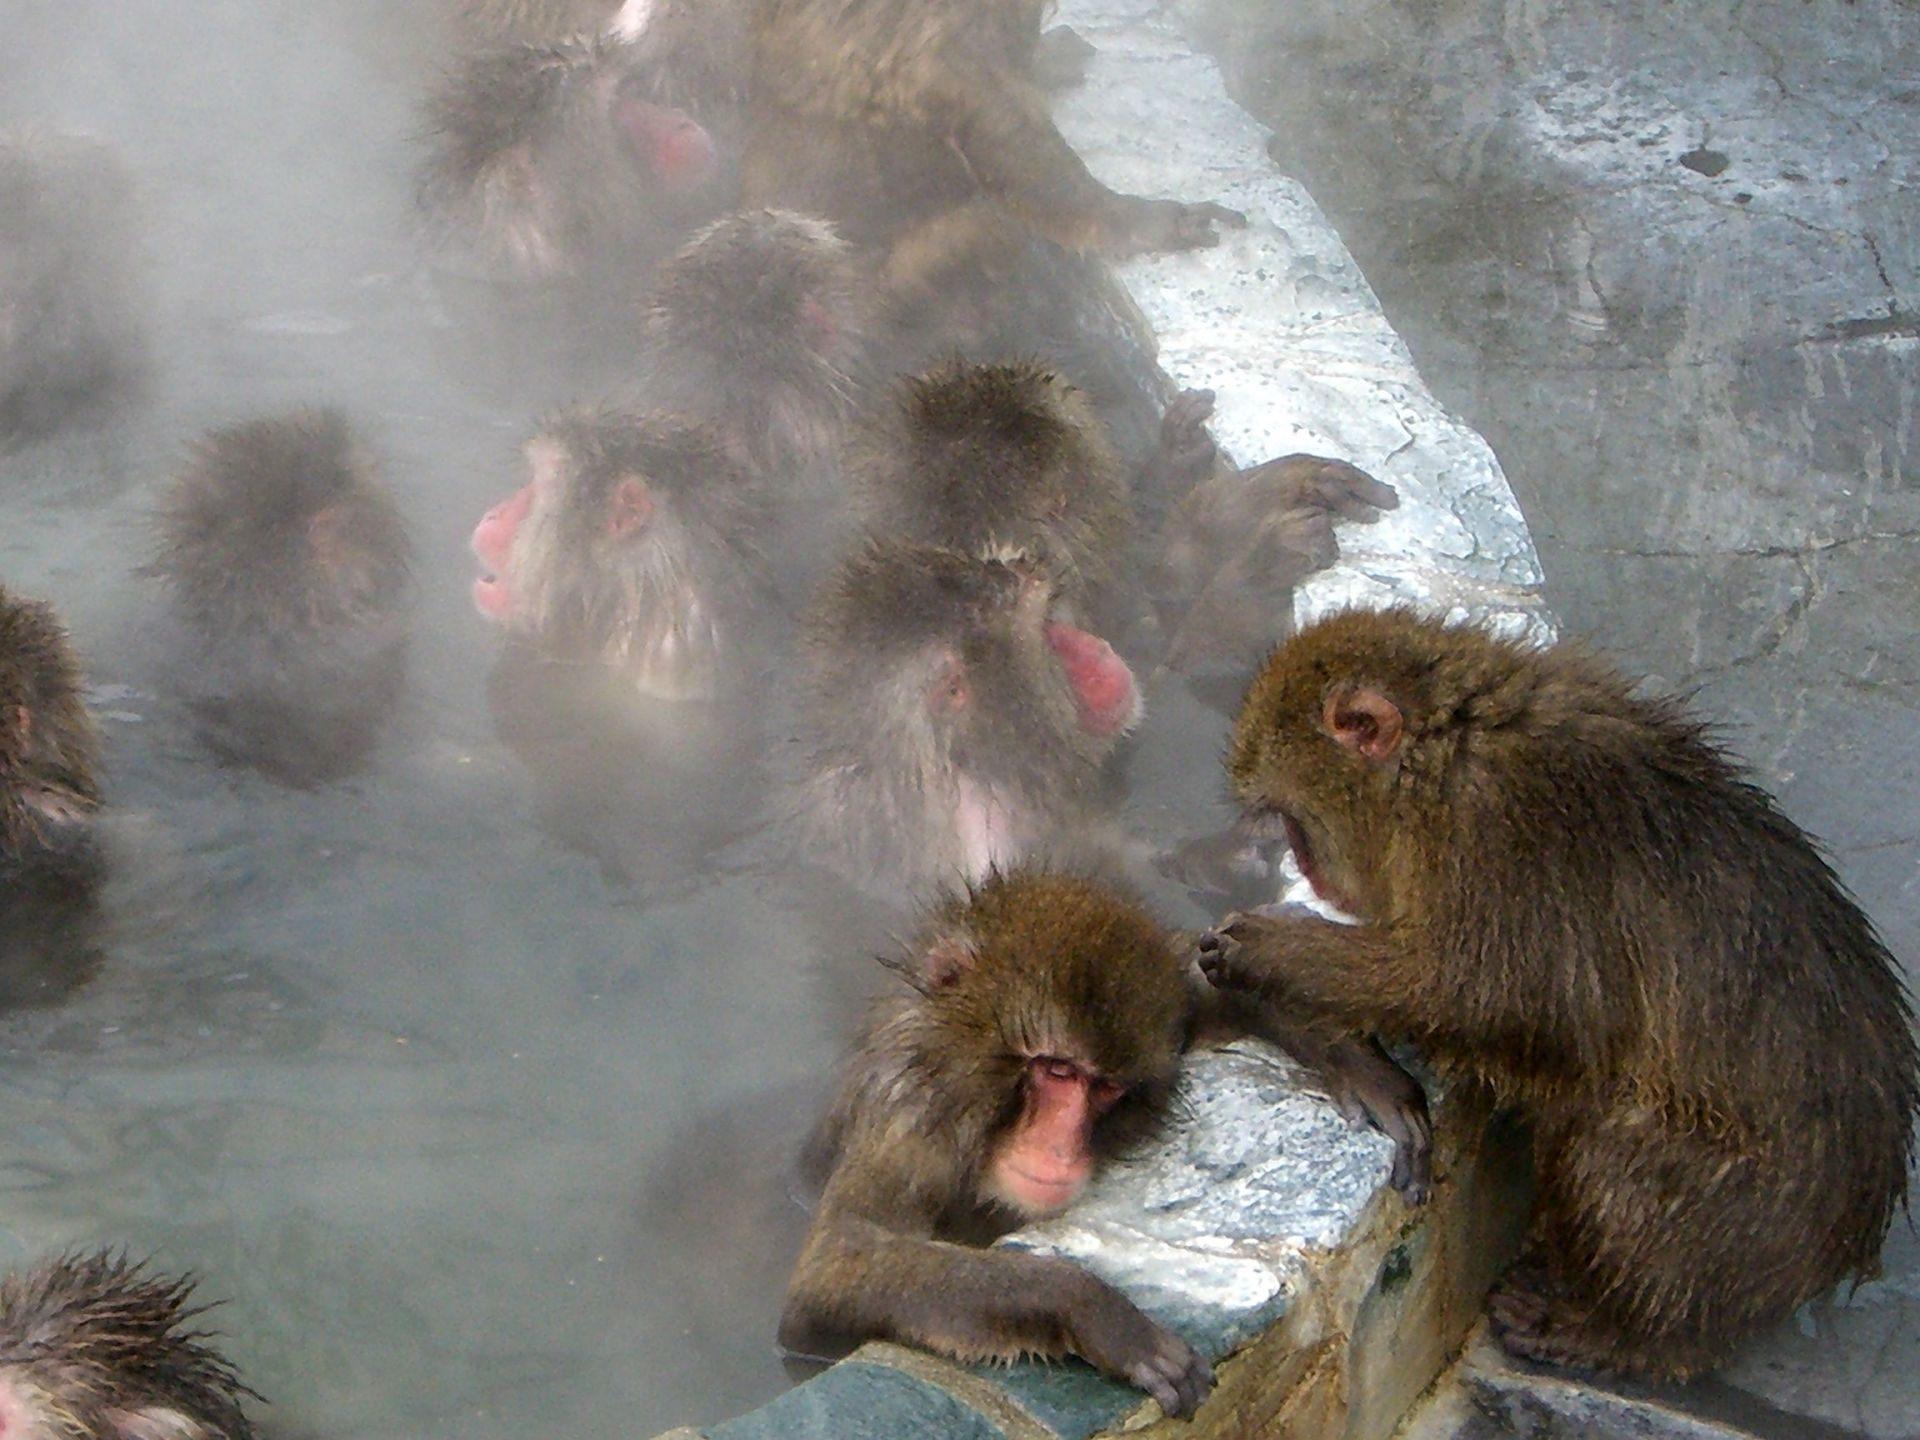 汤之川温泉 泡汤嘻戏的猴子